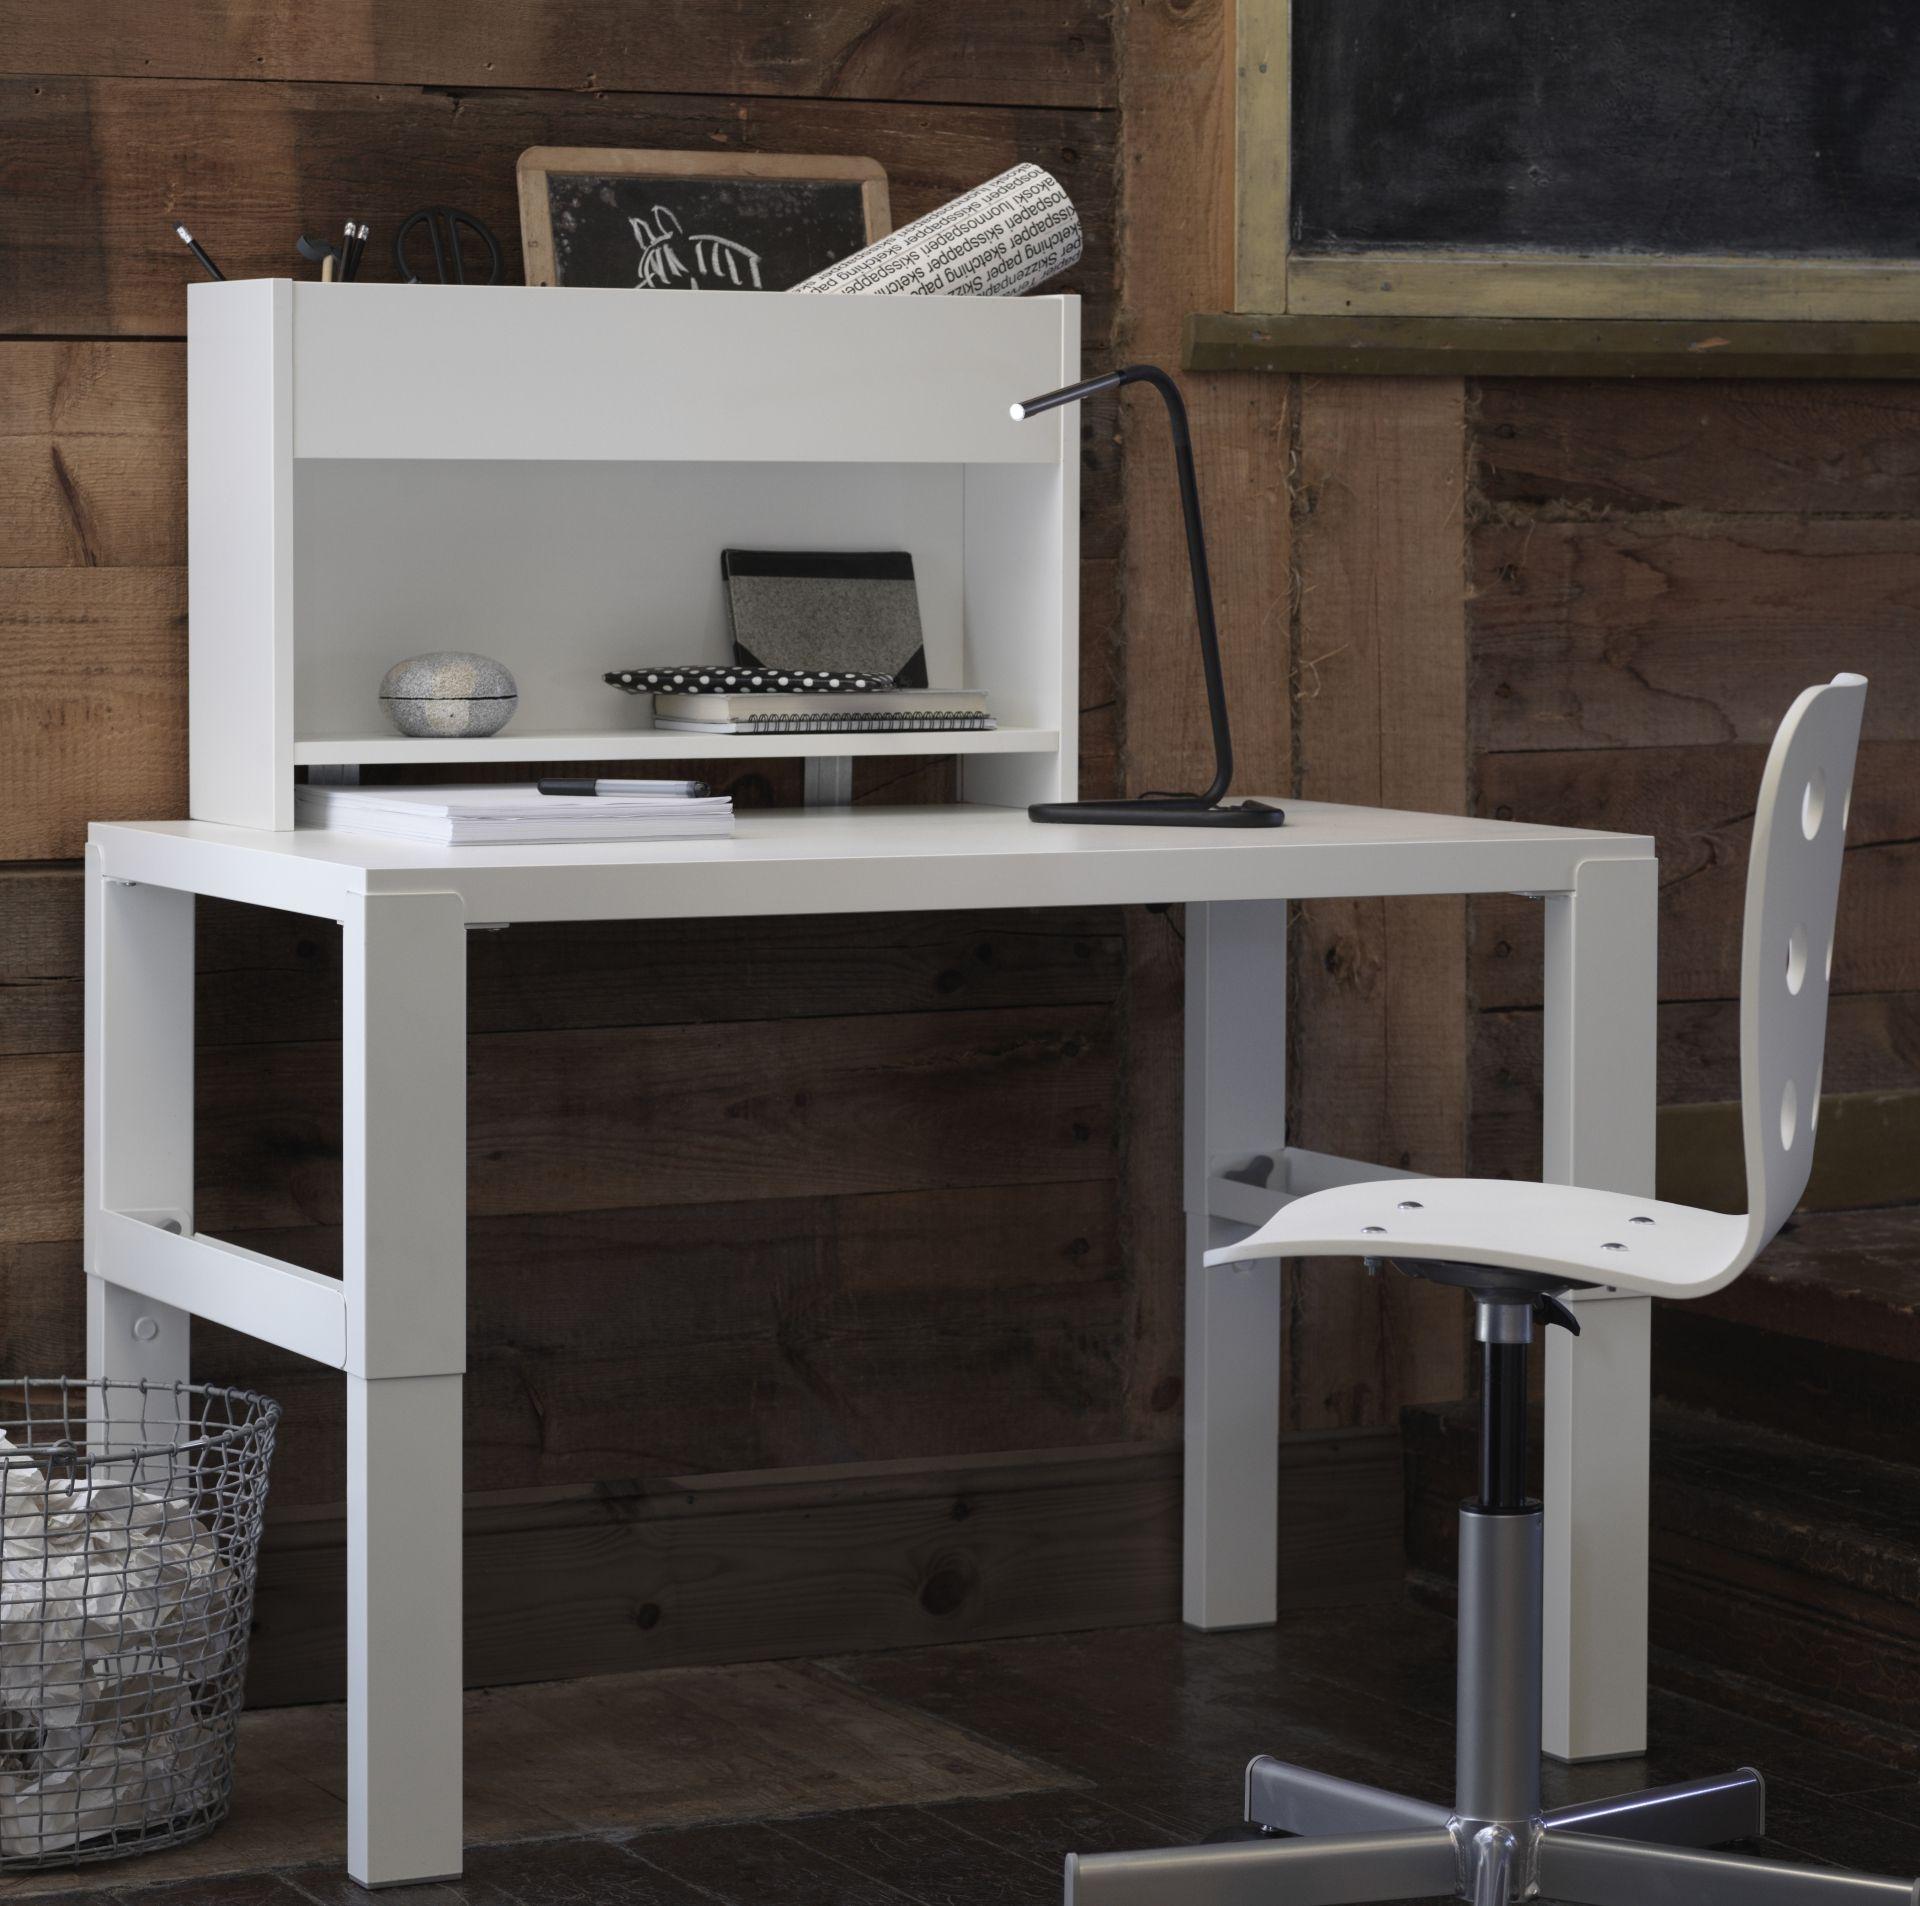 PÅHL bureau met opbouwdeel   #nieuw #IKEA #IKEAnl #inspiratie #kinderkamer…